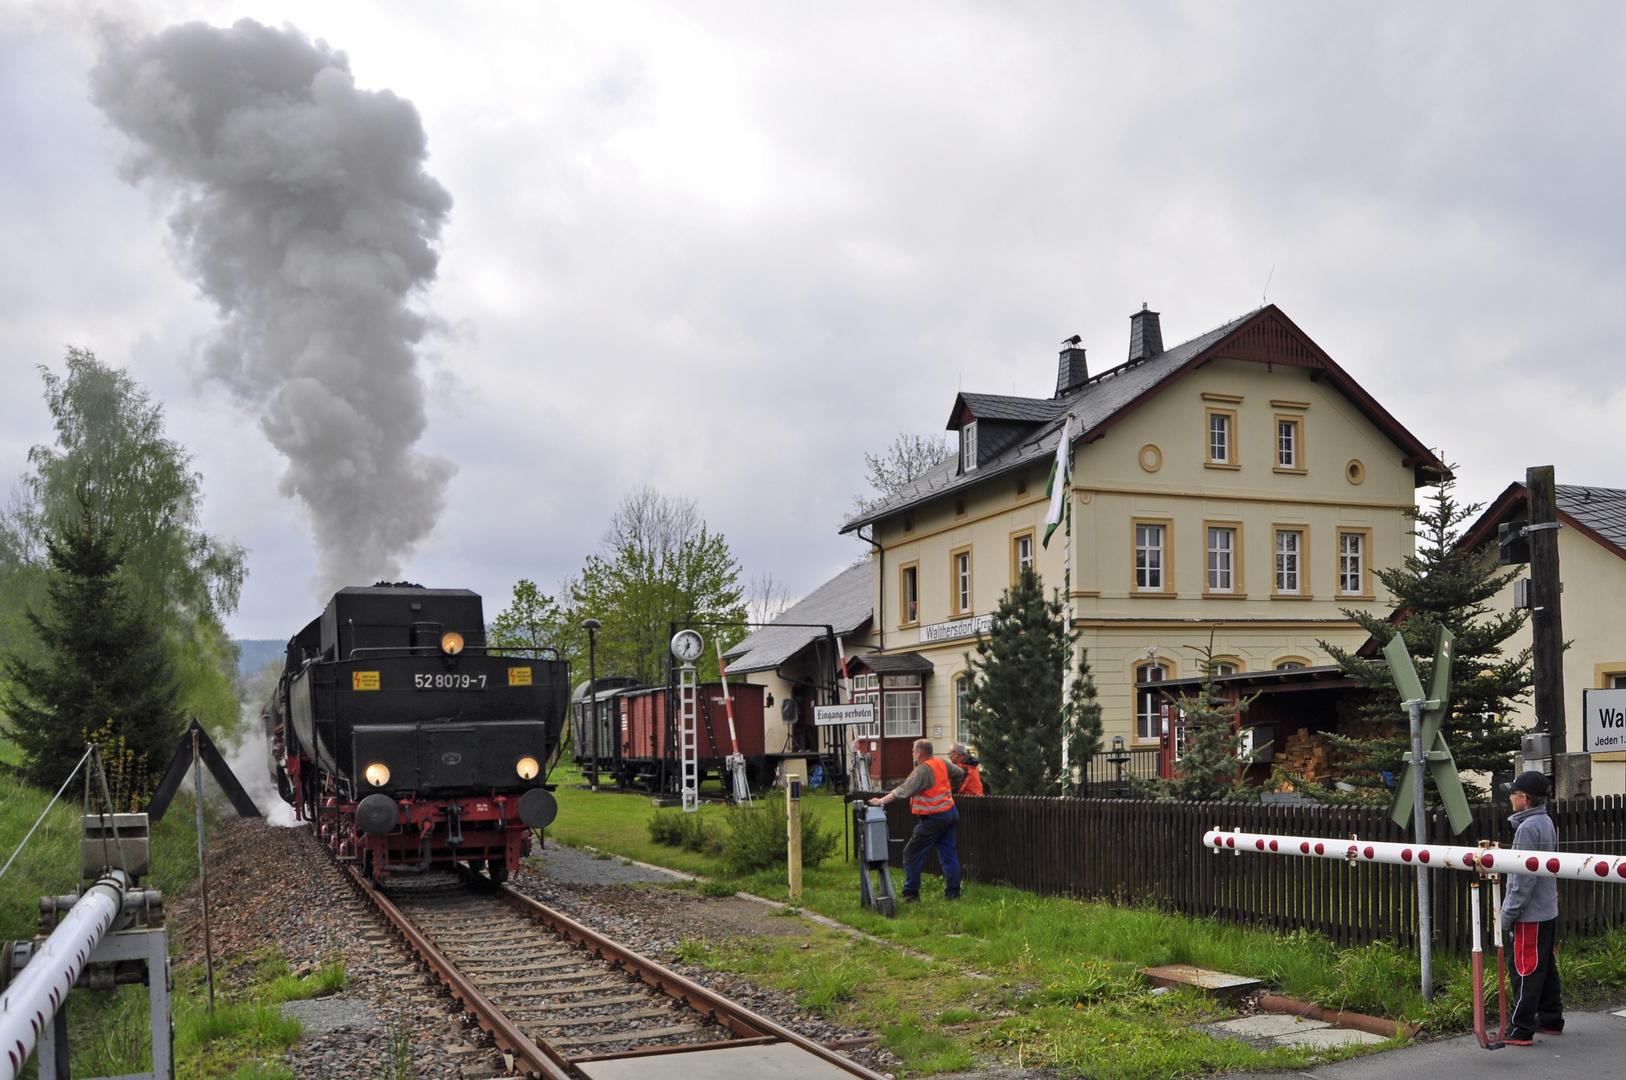 Lok 52 8079 hat, von Annaberg-Buchholz kommend, den Museumsbahnhof Walthersdorf erreicht.